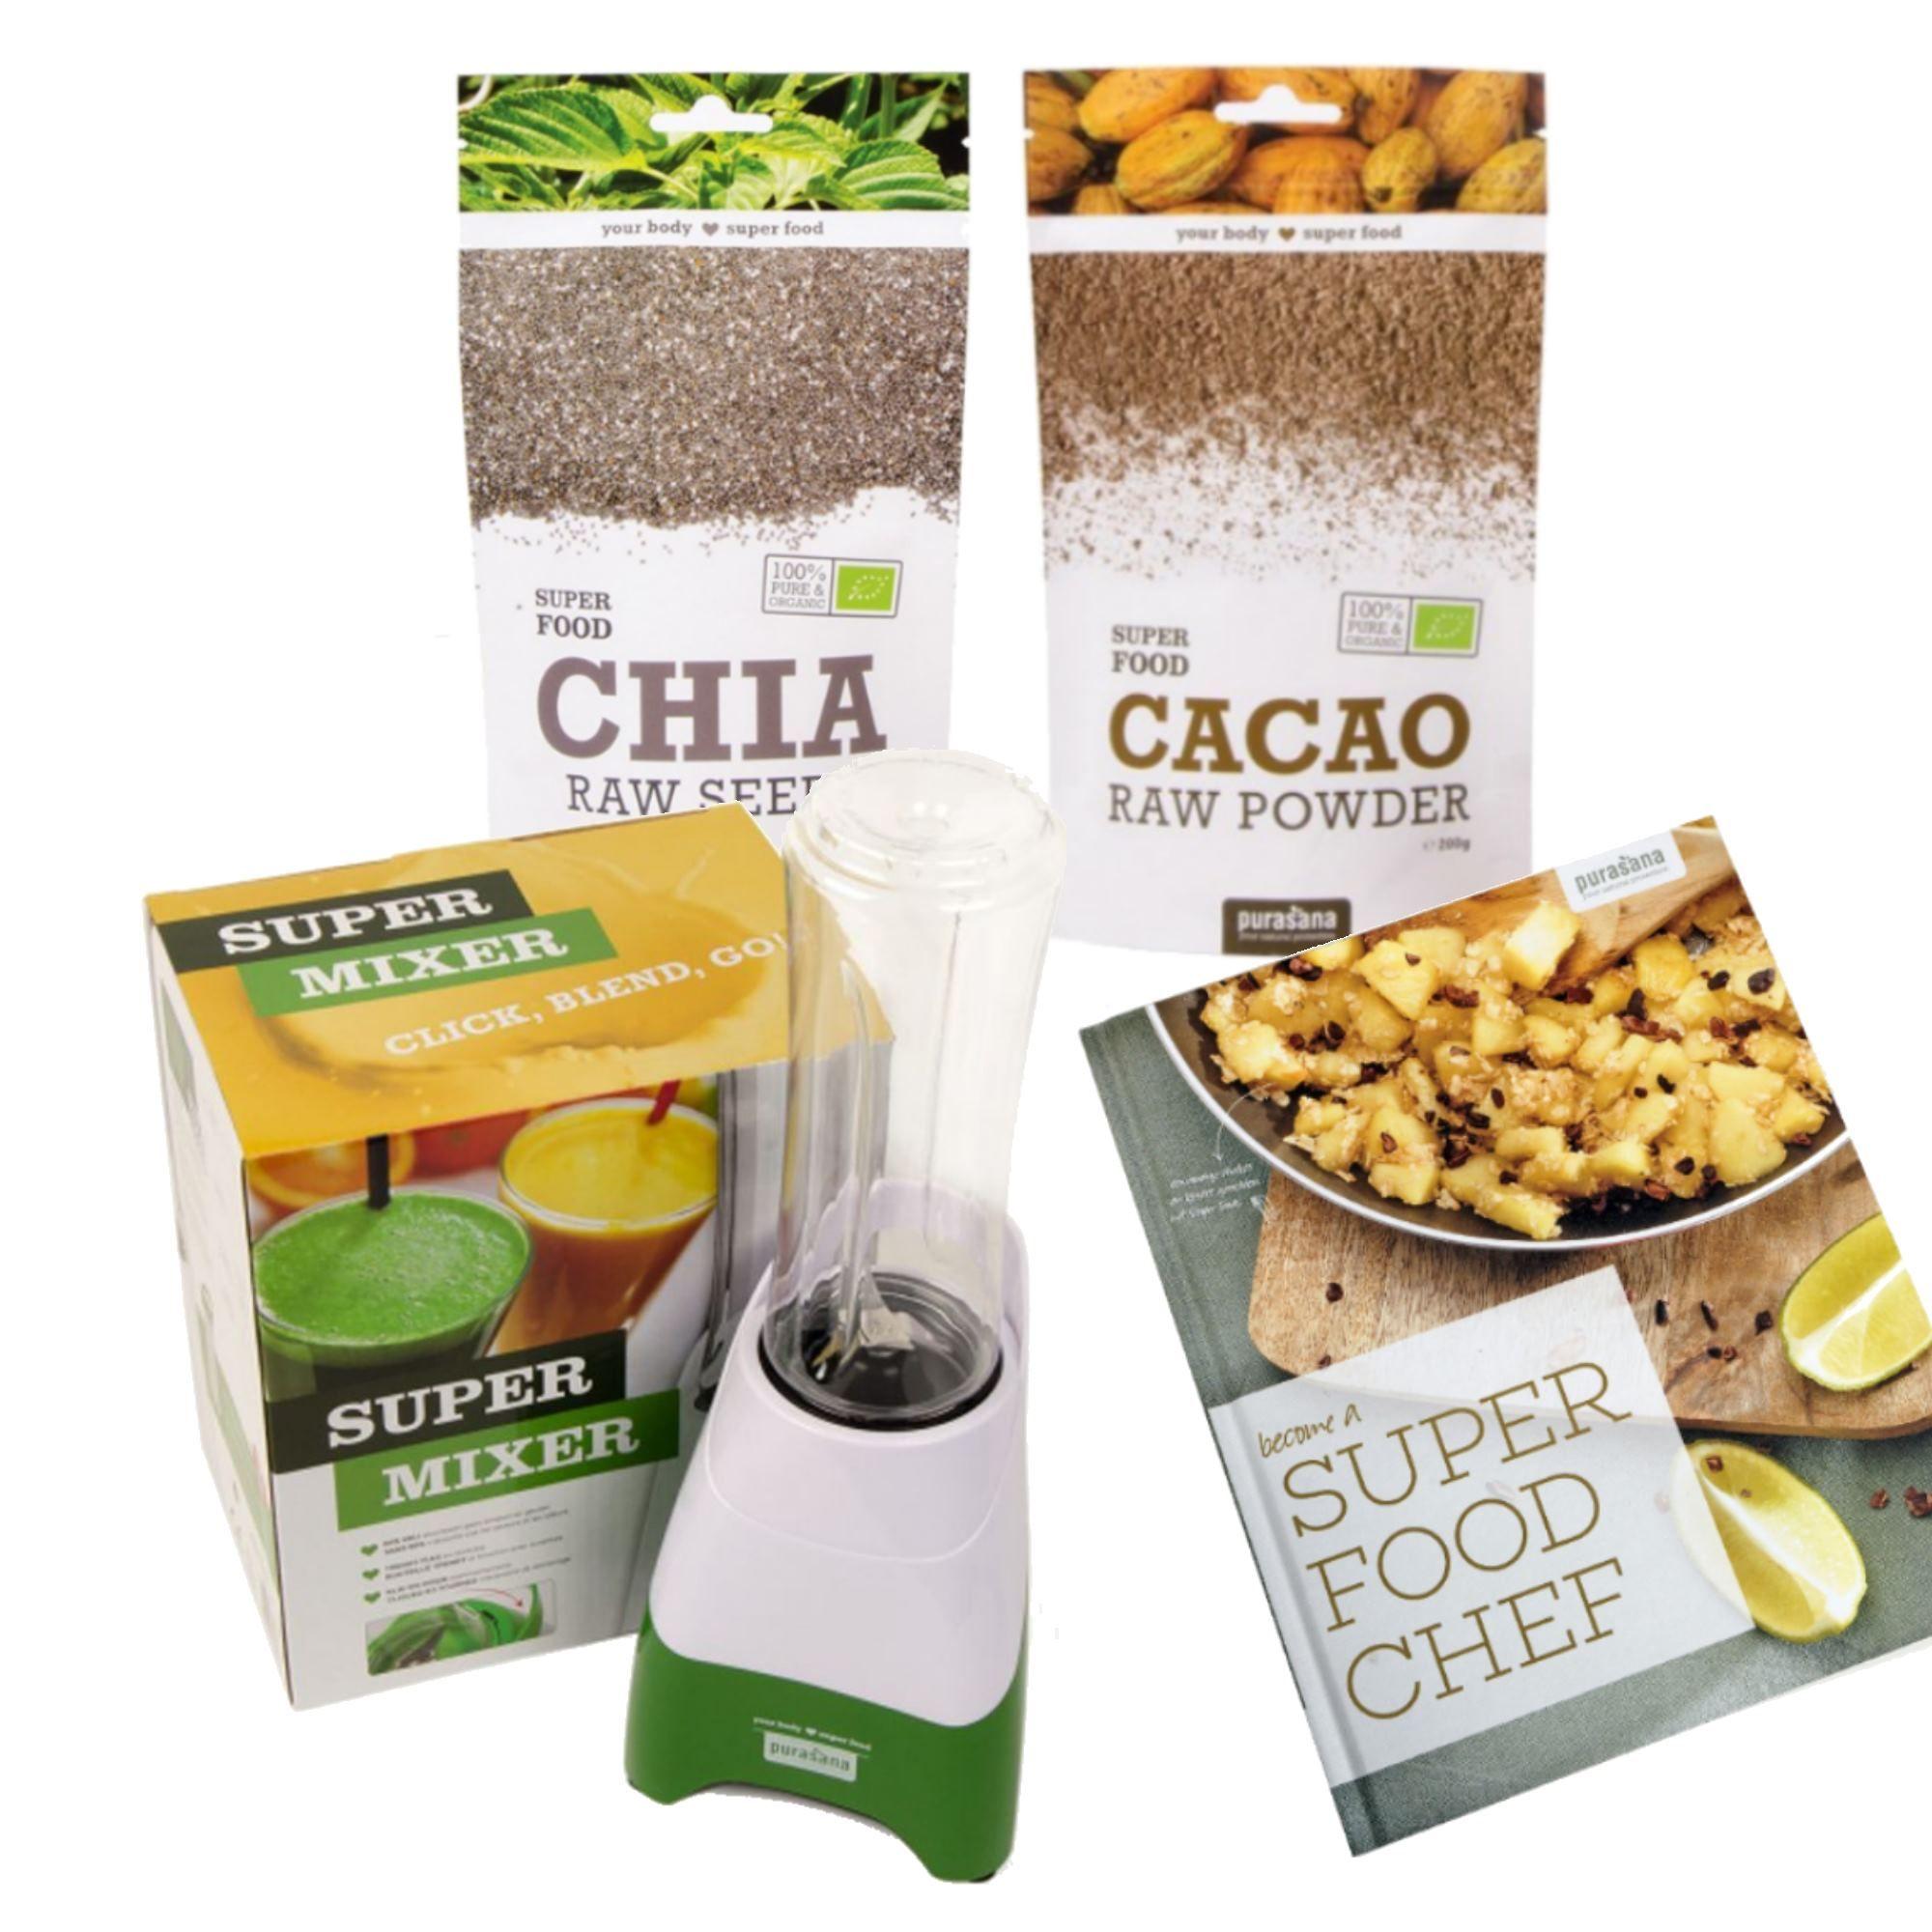 Purasana Super Mixer, Livre, Chia & Cacao - Découvrez les SuperFoods - Purasana